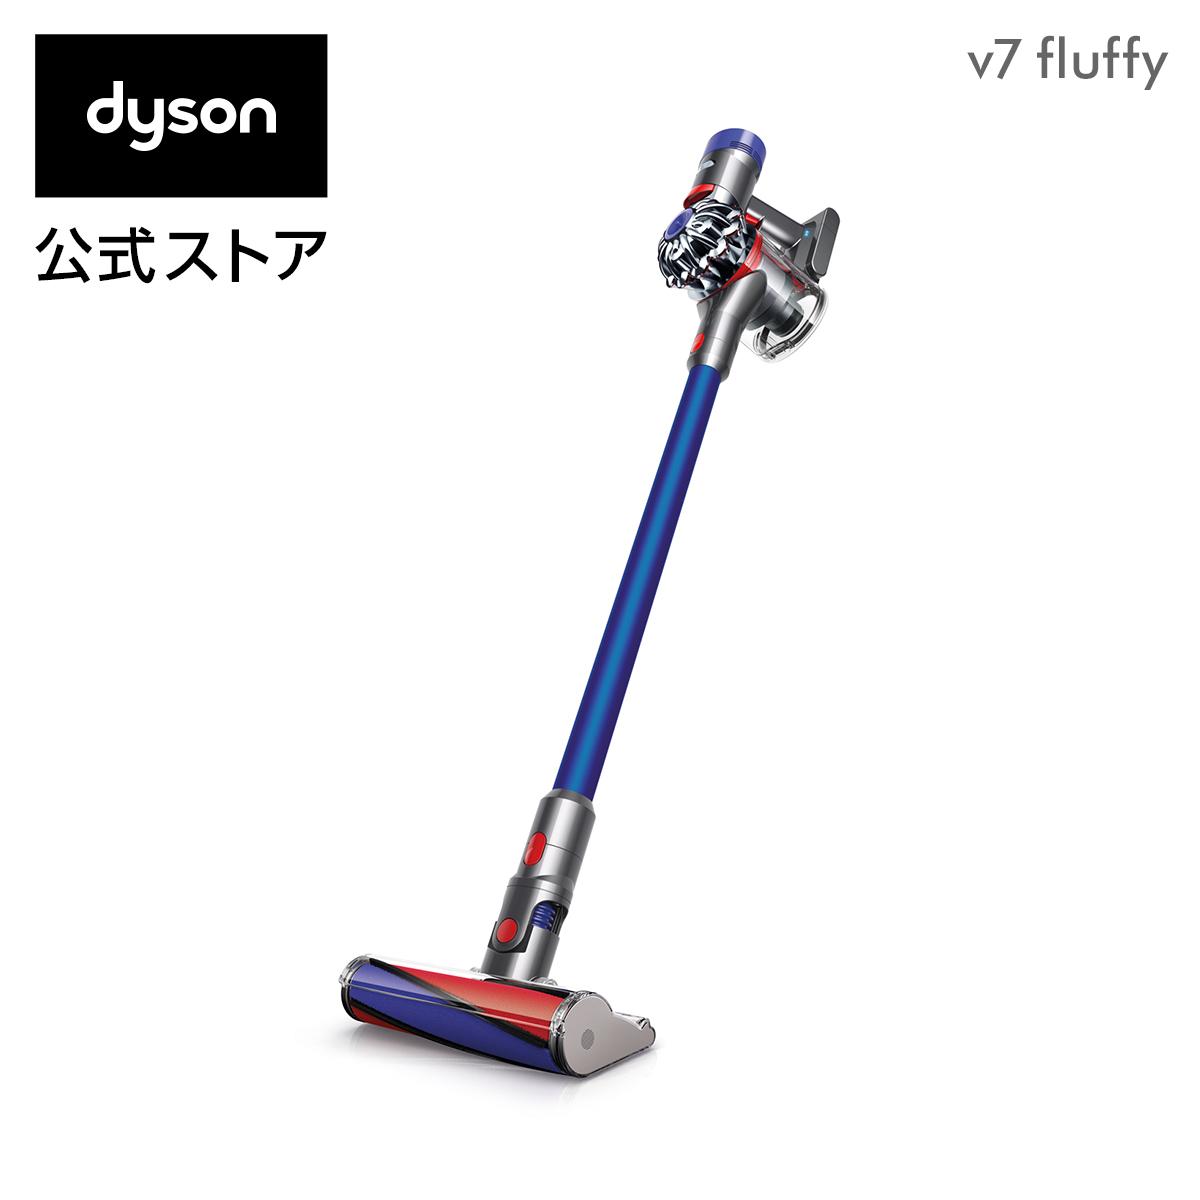 16日9:59amまで【期間限定20%ポイントバック】ダイソン Dyson V7 Fluffy サイクロン式 コードレス掃除機 SV11FF ブルー 2017年モデル